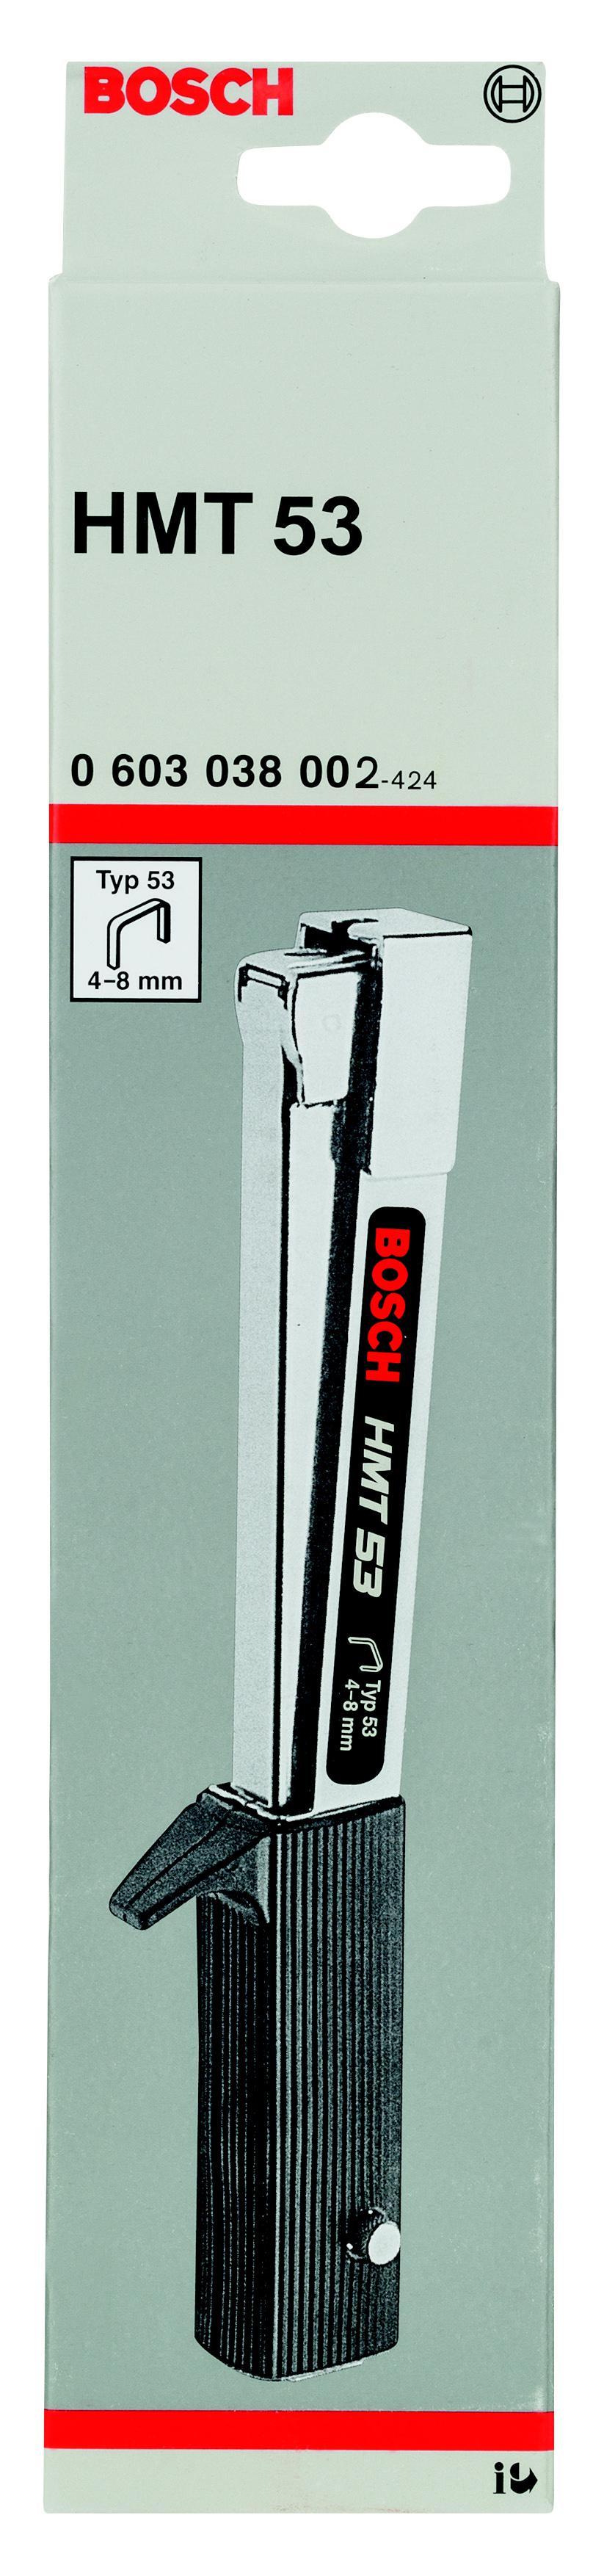 цены Степлер механический Bosch Hmt 53 (0.603.038.002)